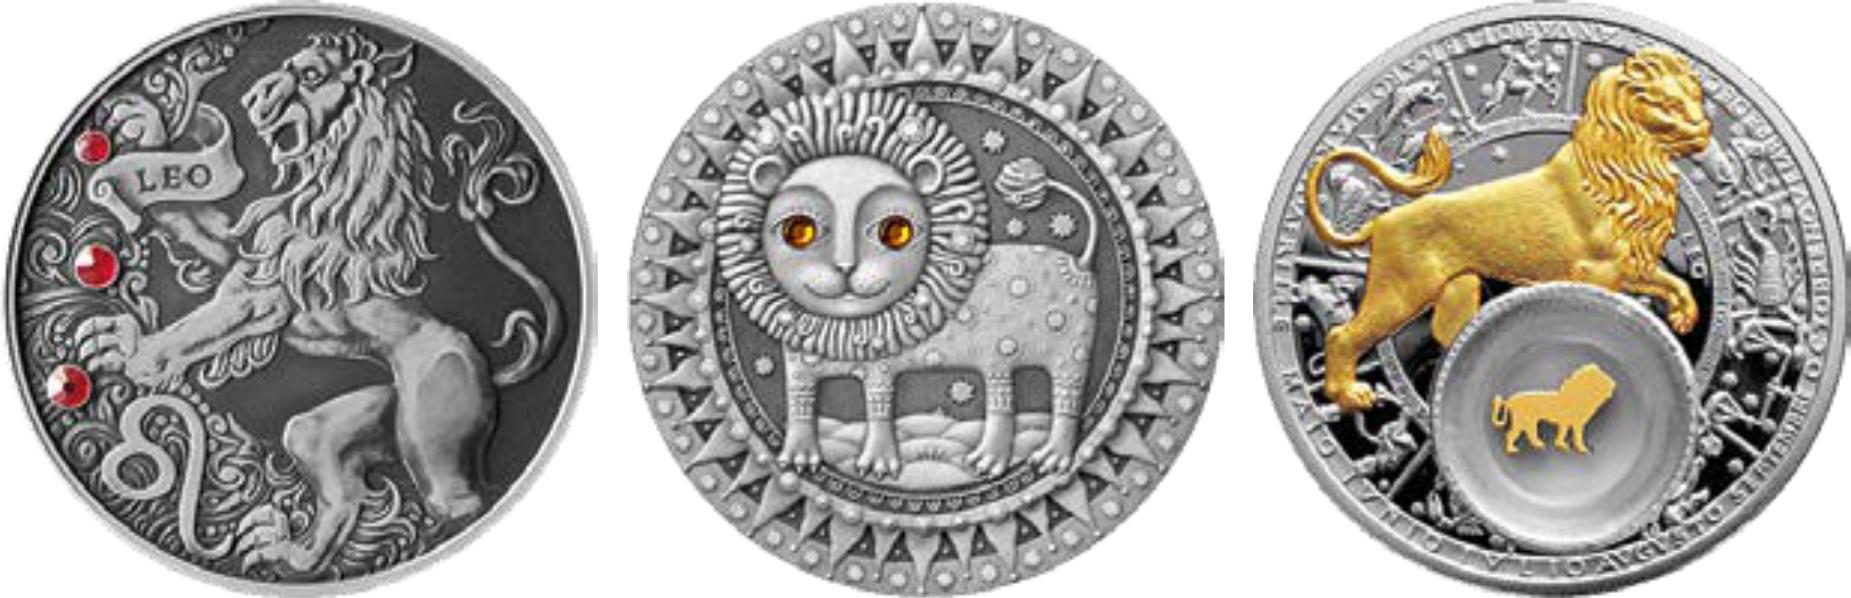 Рис. 4. Памятные монеты Национального банка Республики Беларусь